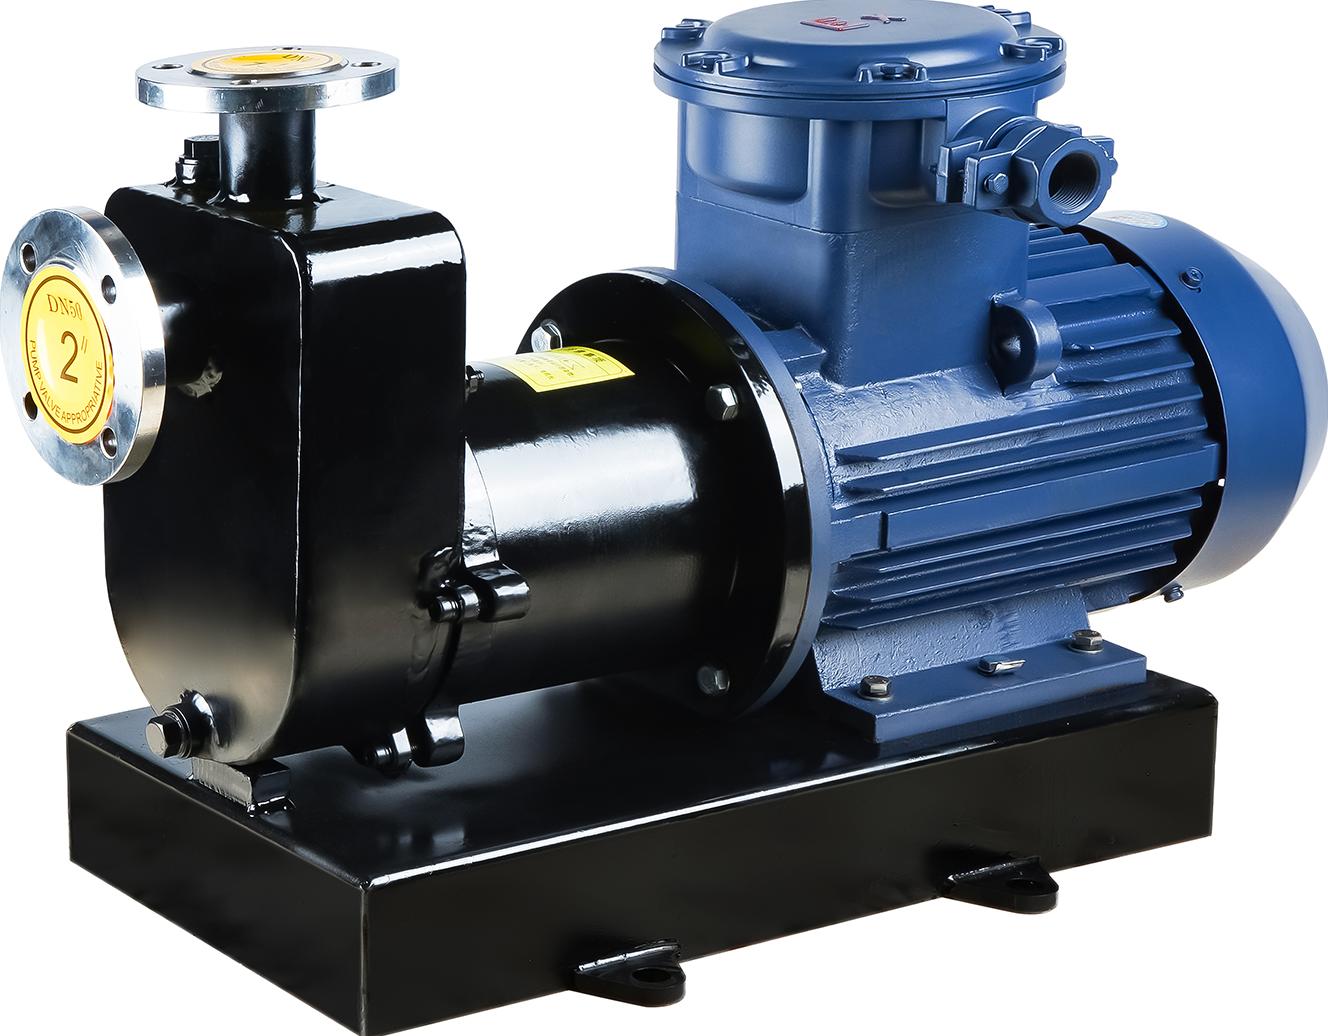 磁力驱动泵在使用运行时需符合什么条件,注意哪些事项?